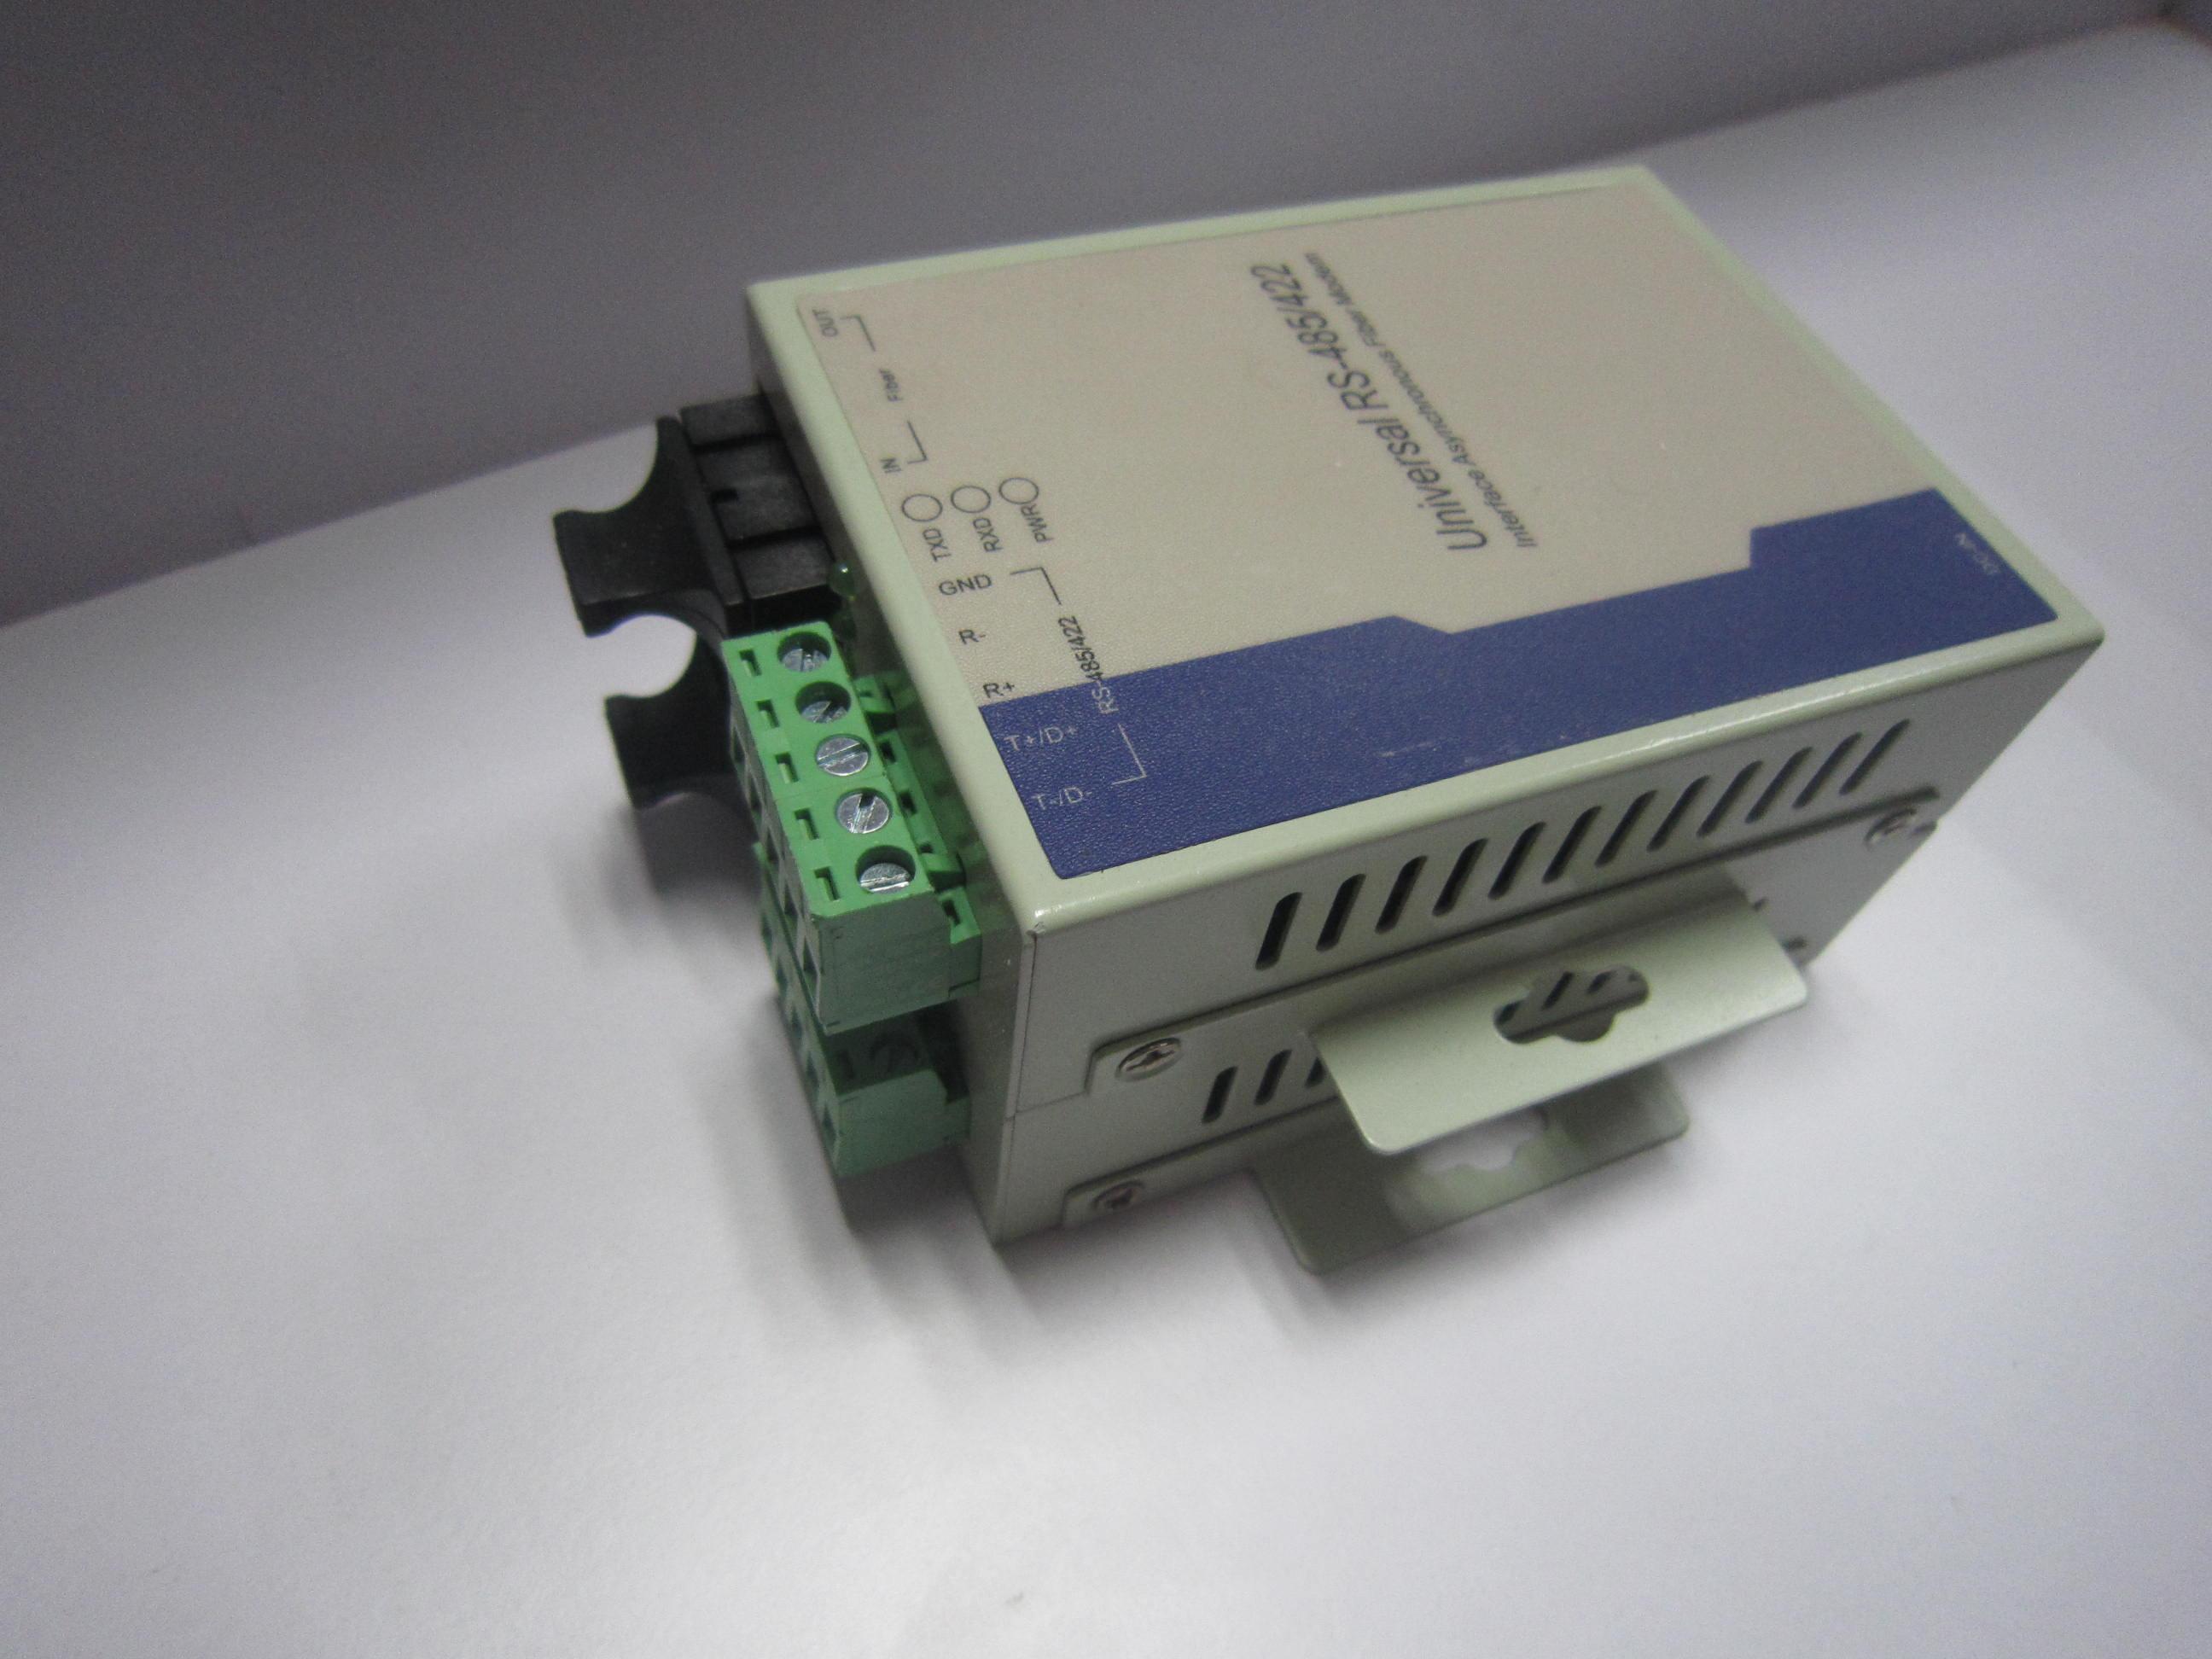 光猫rs-485/-422 接口光纤